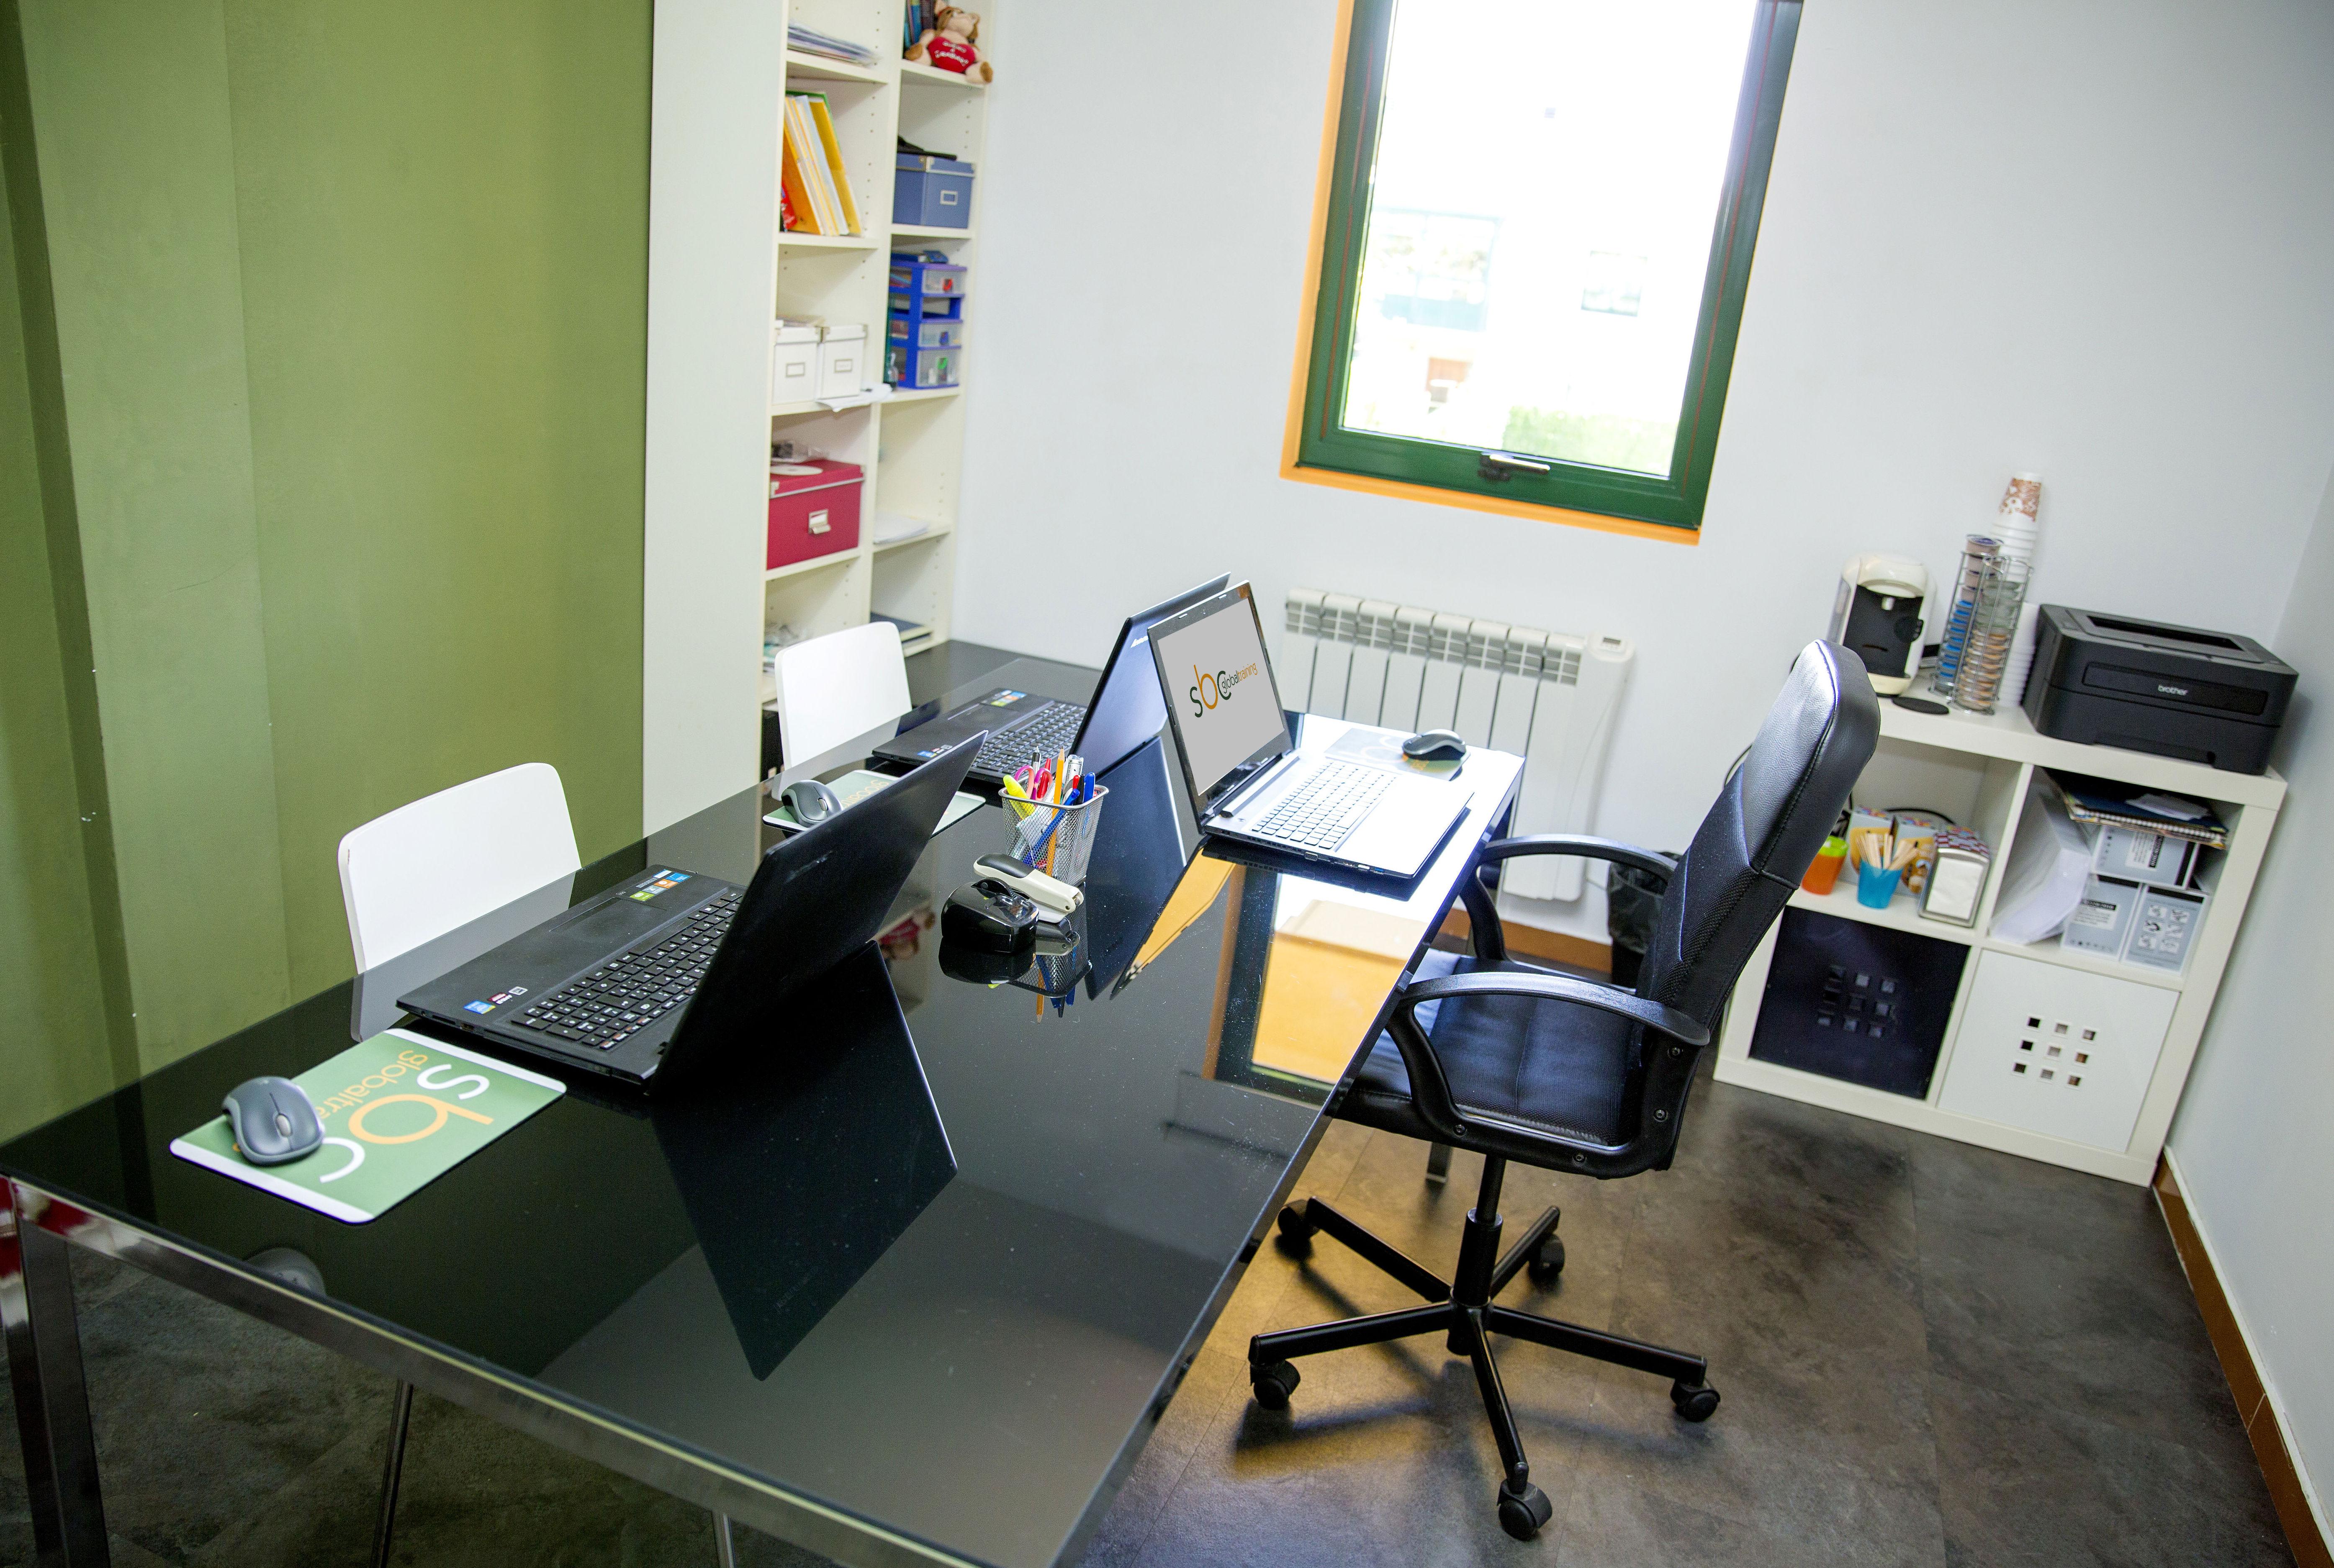 Foto 22 de Academia de idiomas en La Coruña | SBC Global Training